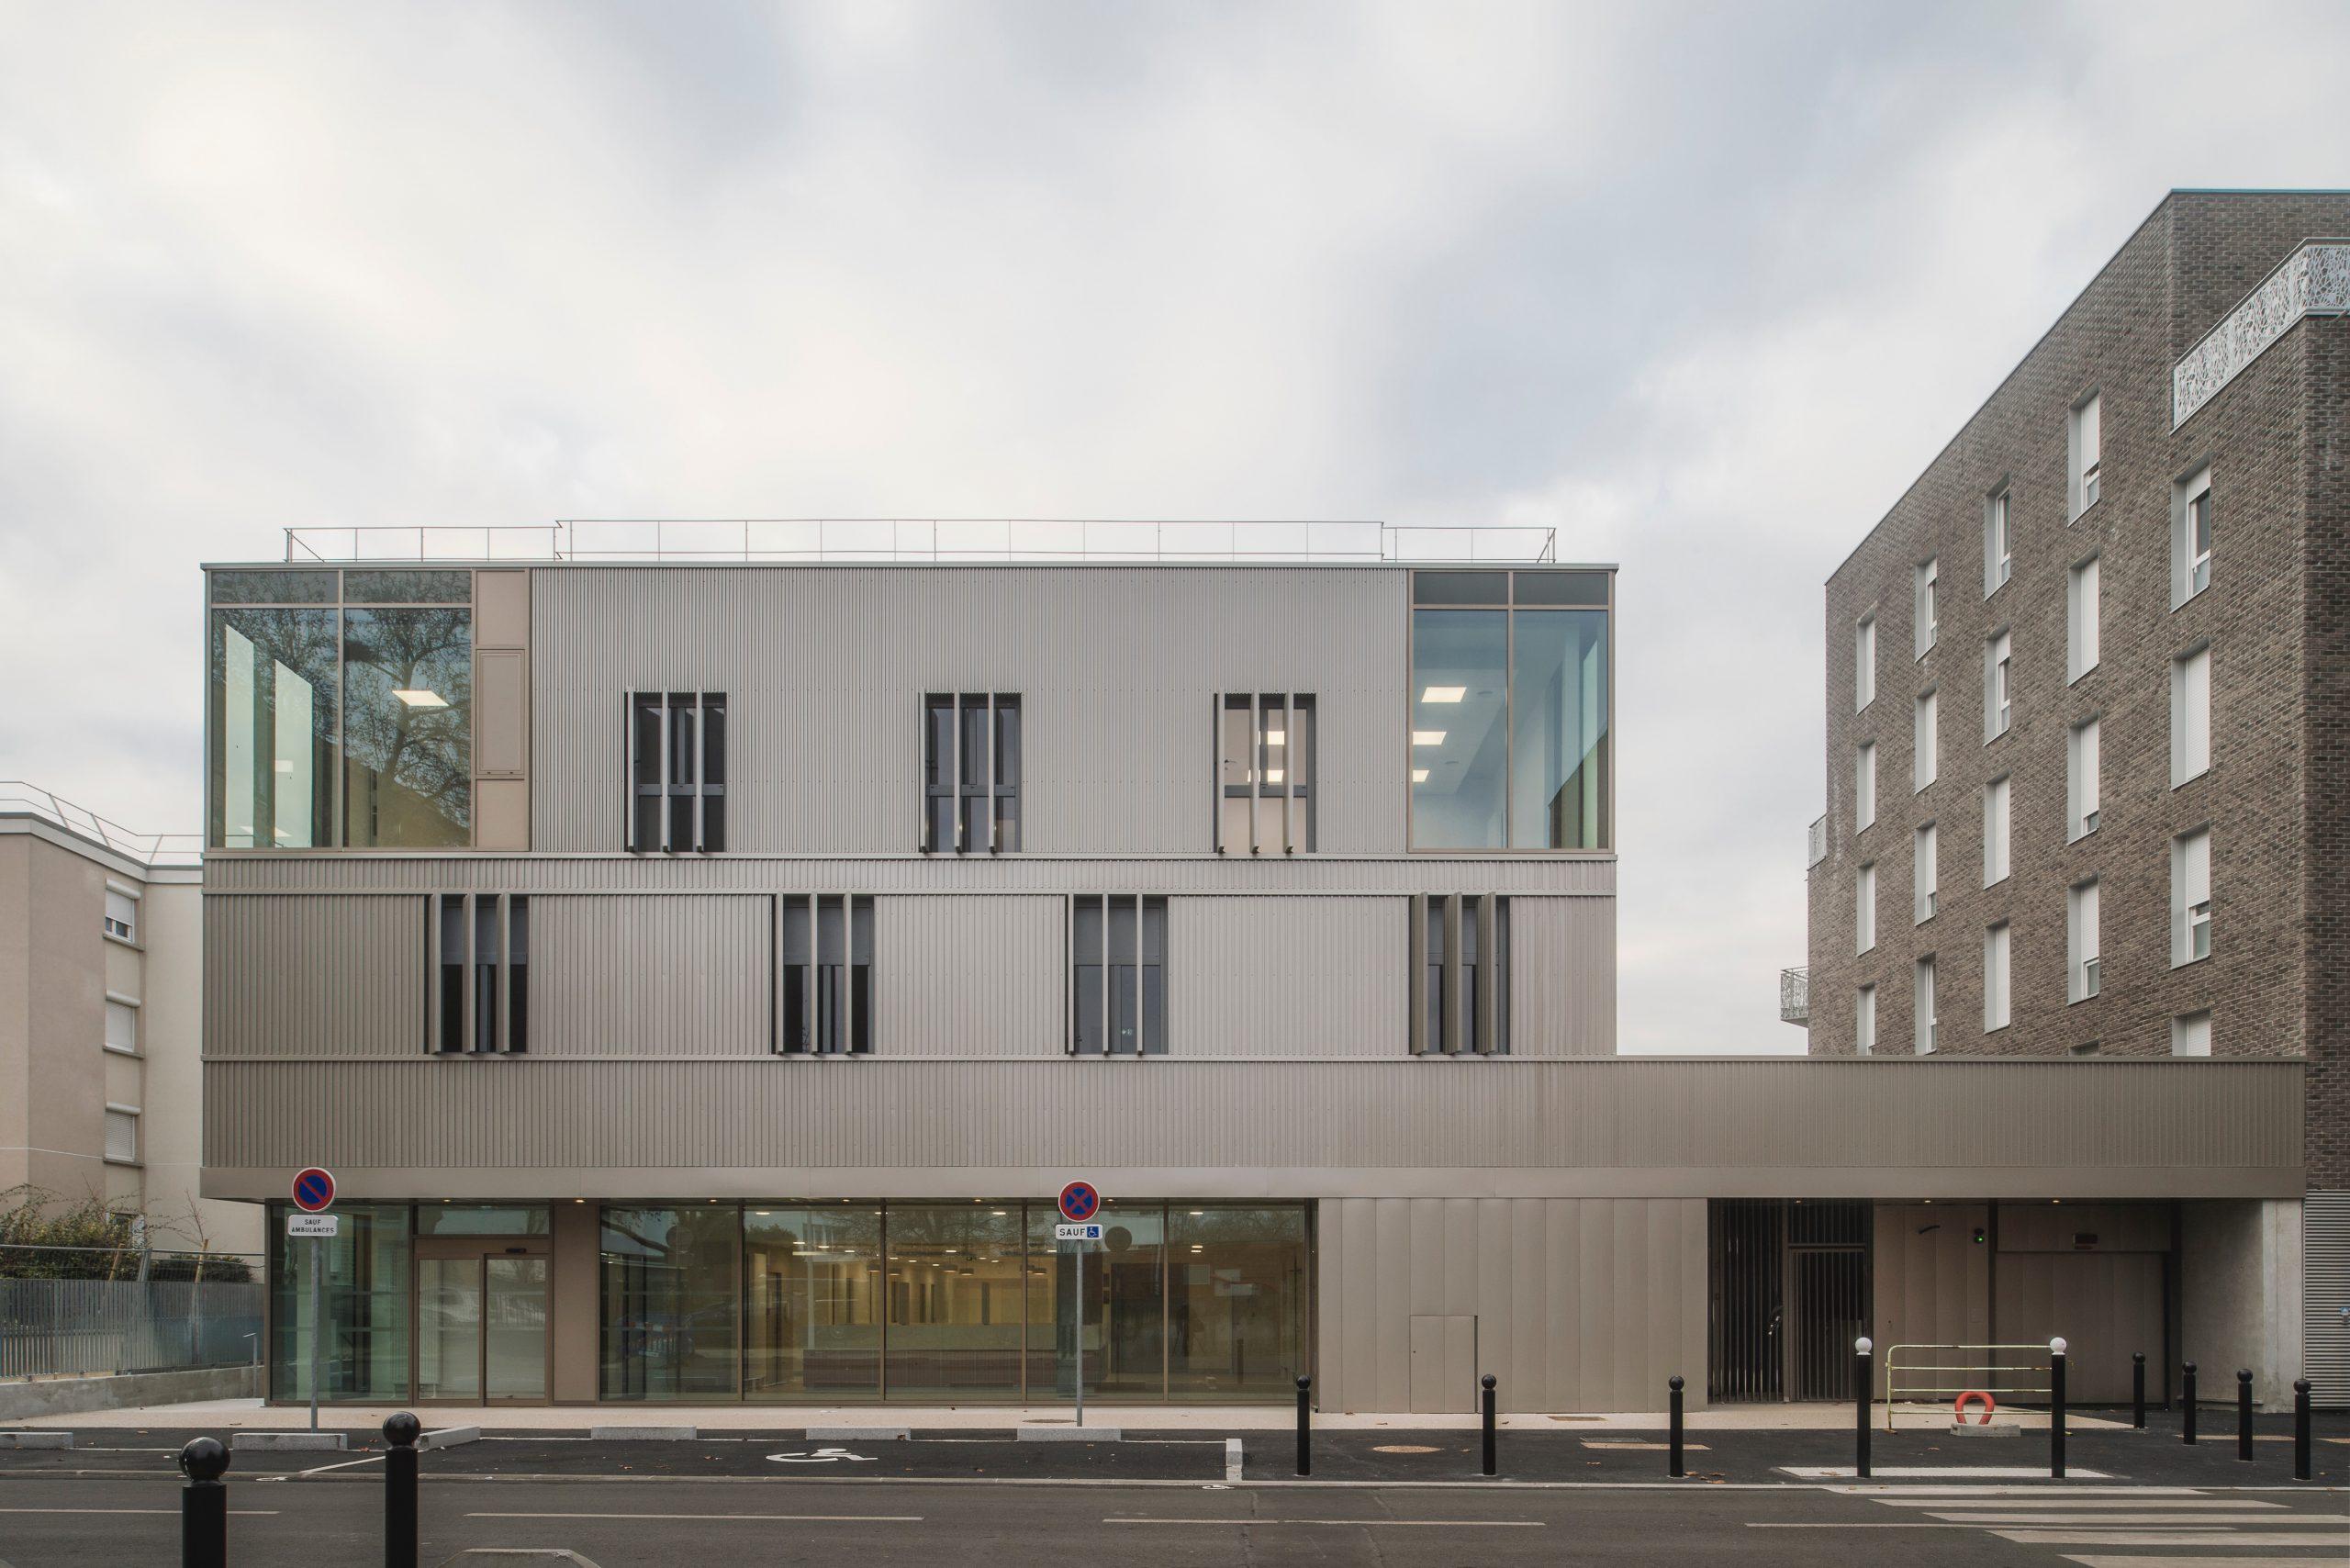 Inauguration du centre municipal de santé Gisèle-Halimi à Orly